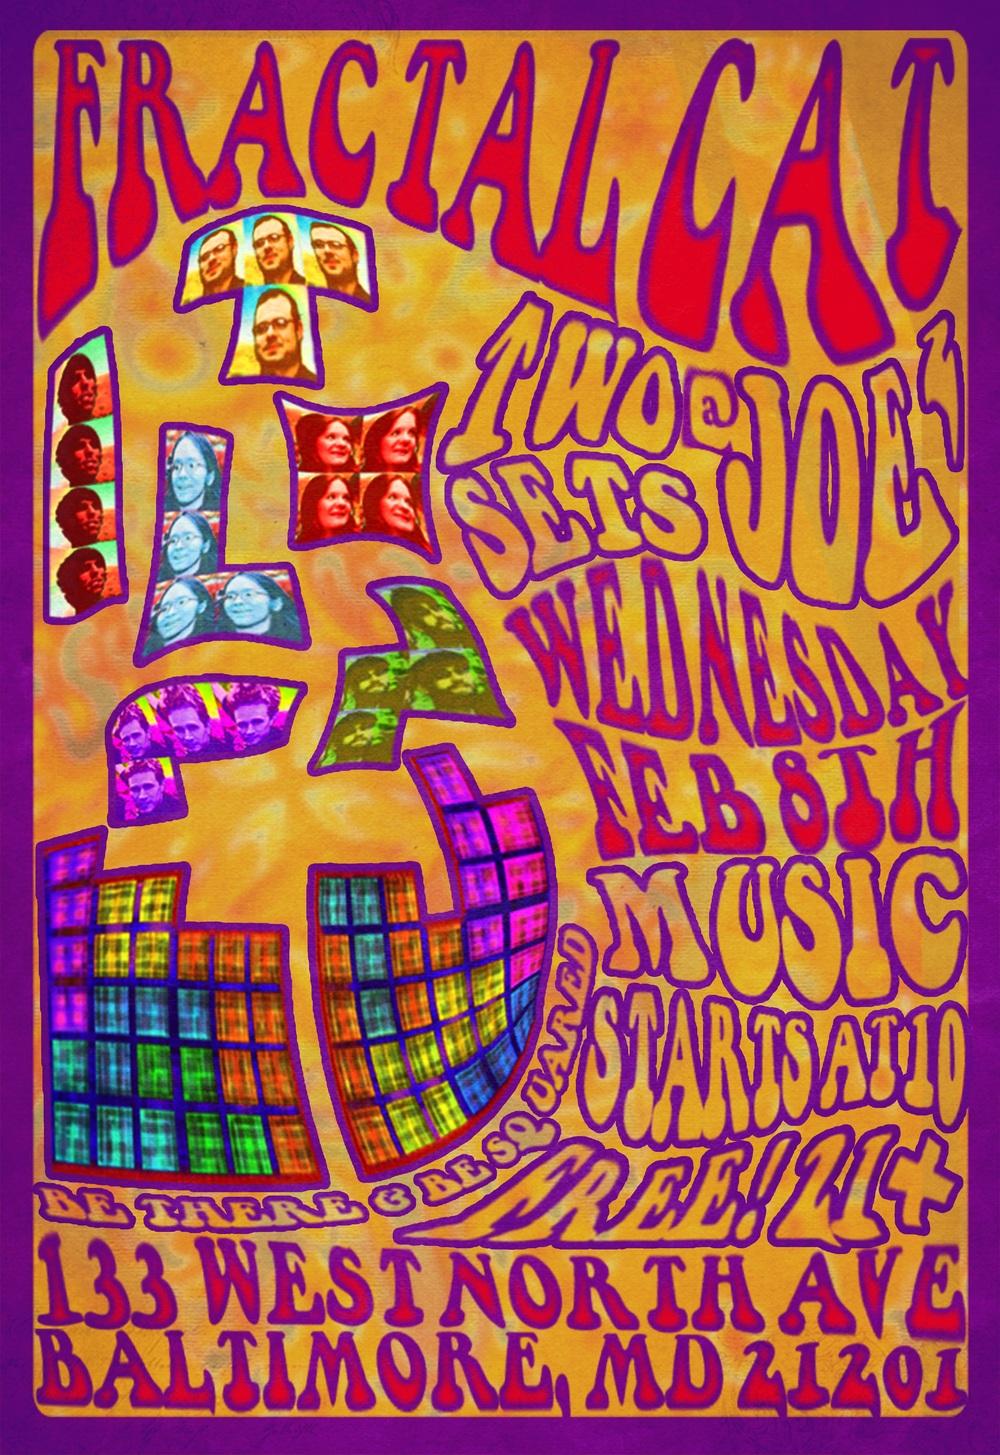 FractalCat_Poster_JoeSquared1.jpg